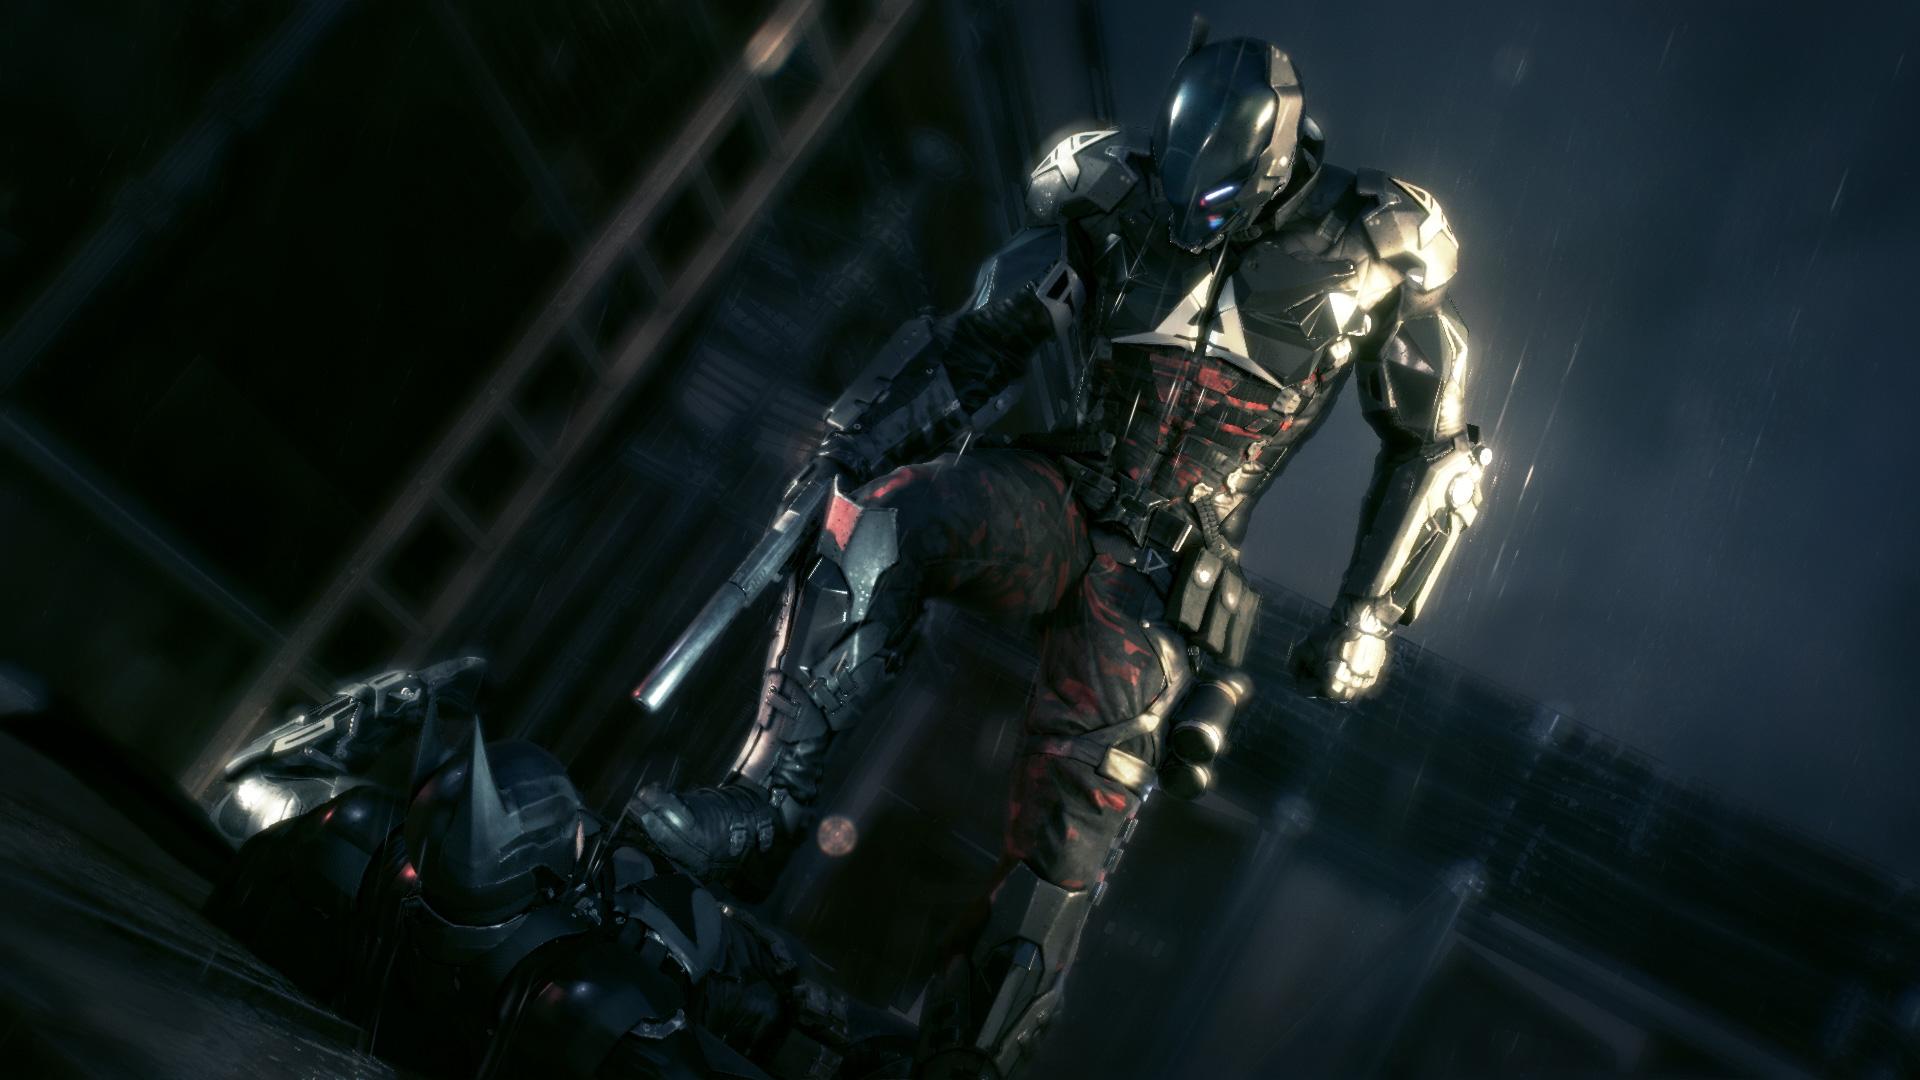 Batman arkham knight ультразвуковой генератор сигналов частоты полей - 1f1f4